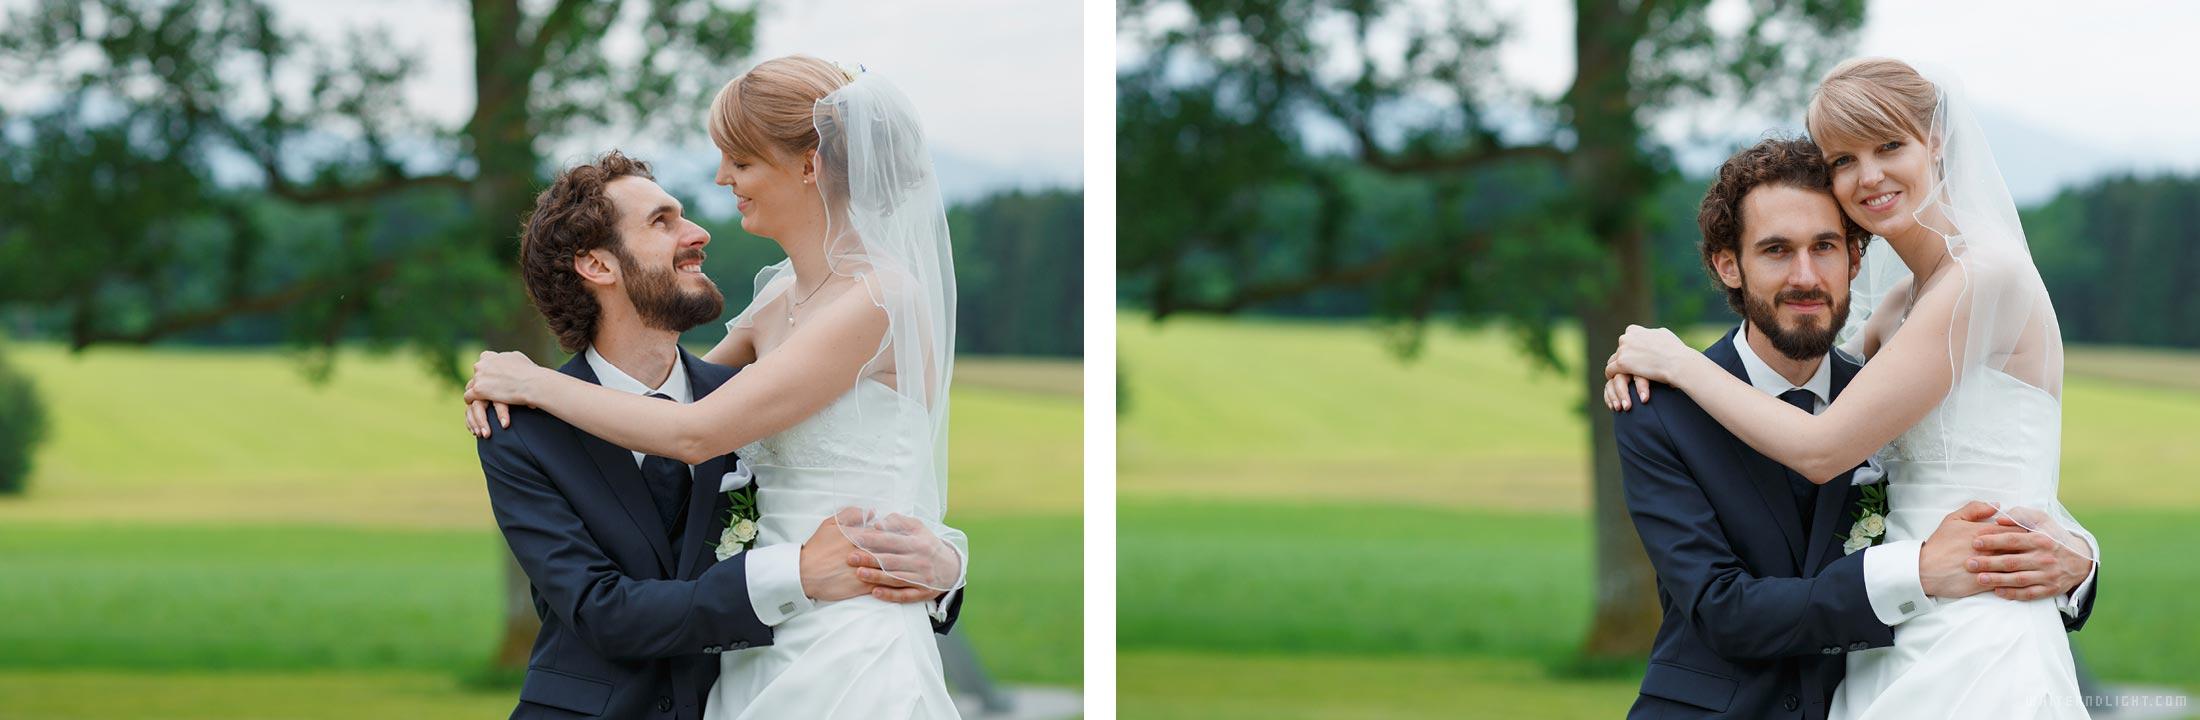 замуж бавария